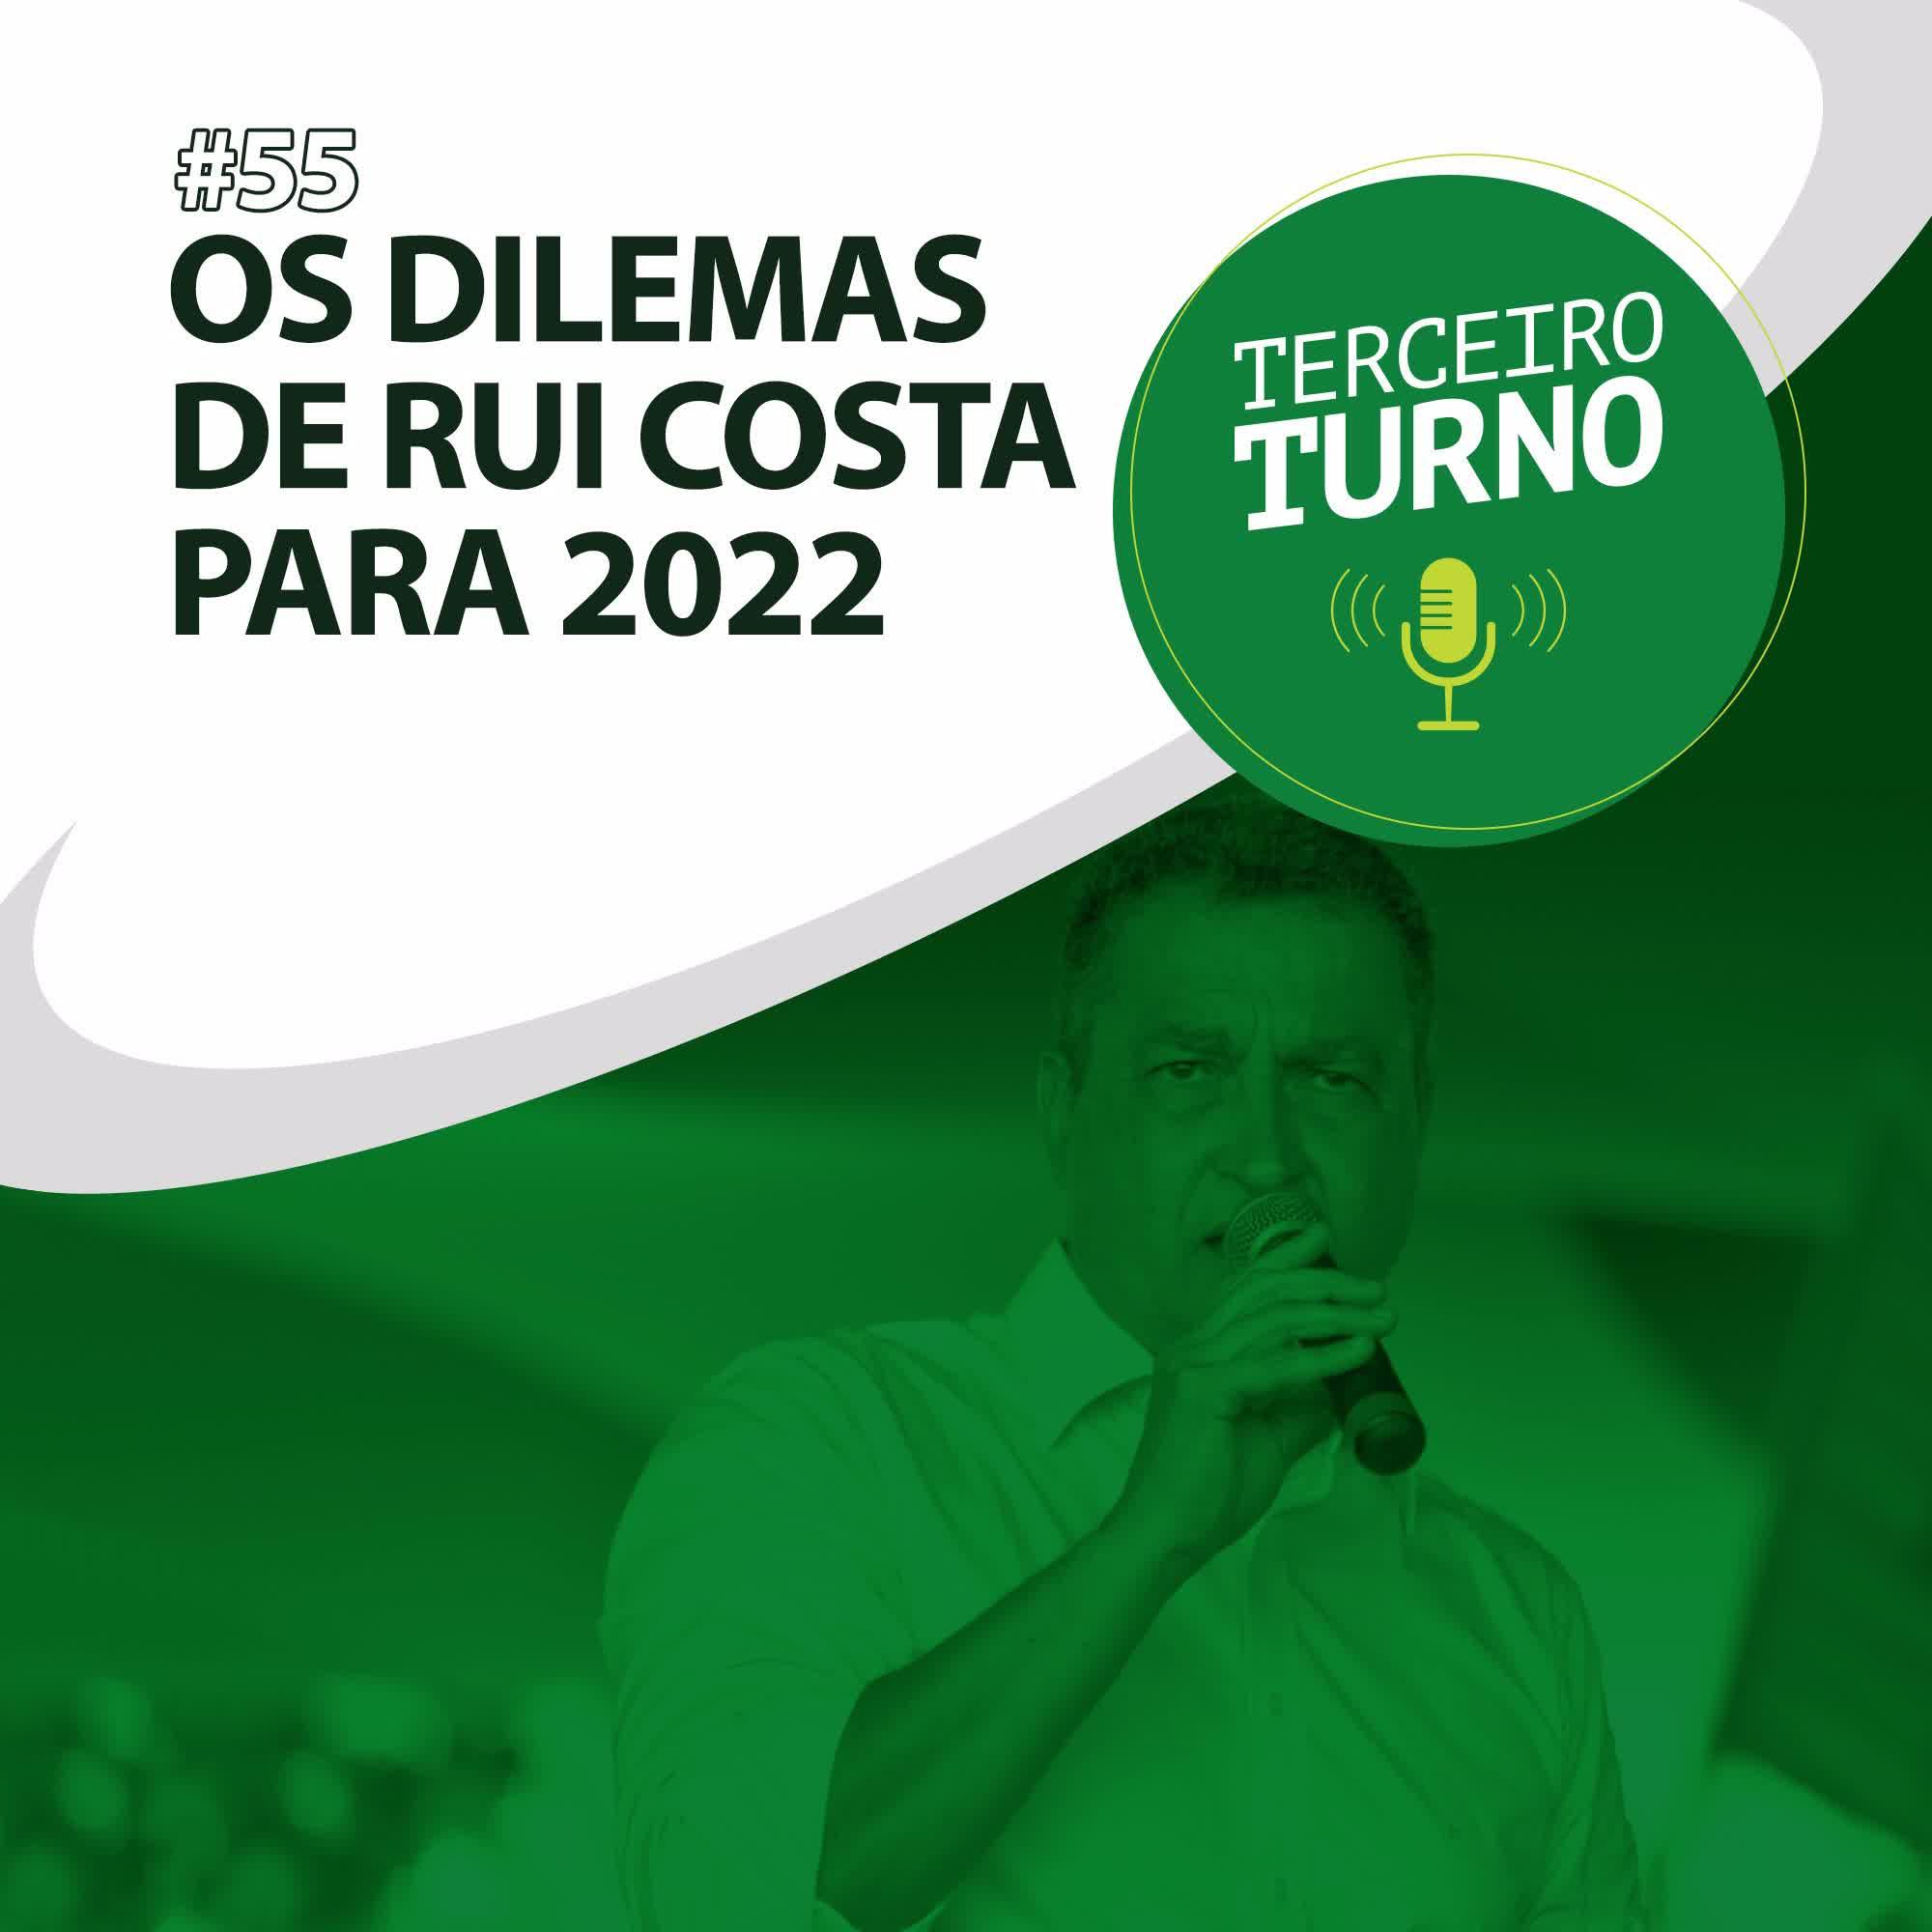 Terceiro Turno #55: Os dilemas de Rui Costa para 2022